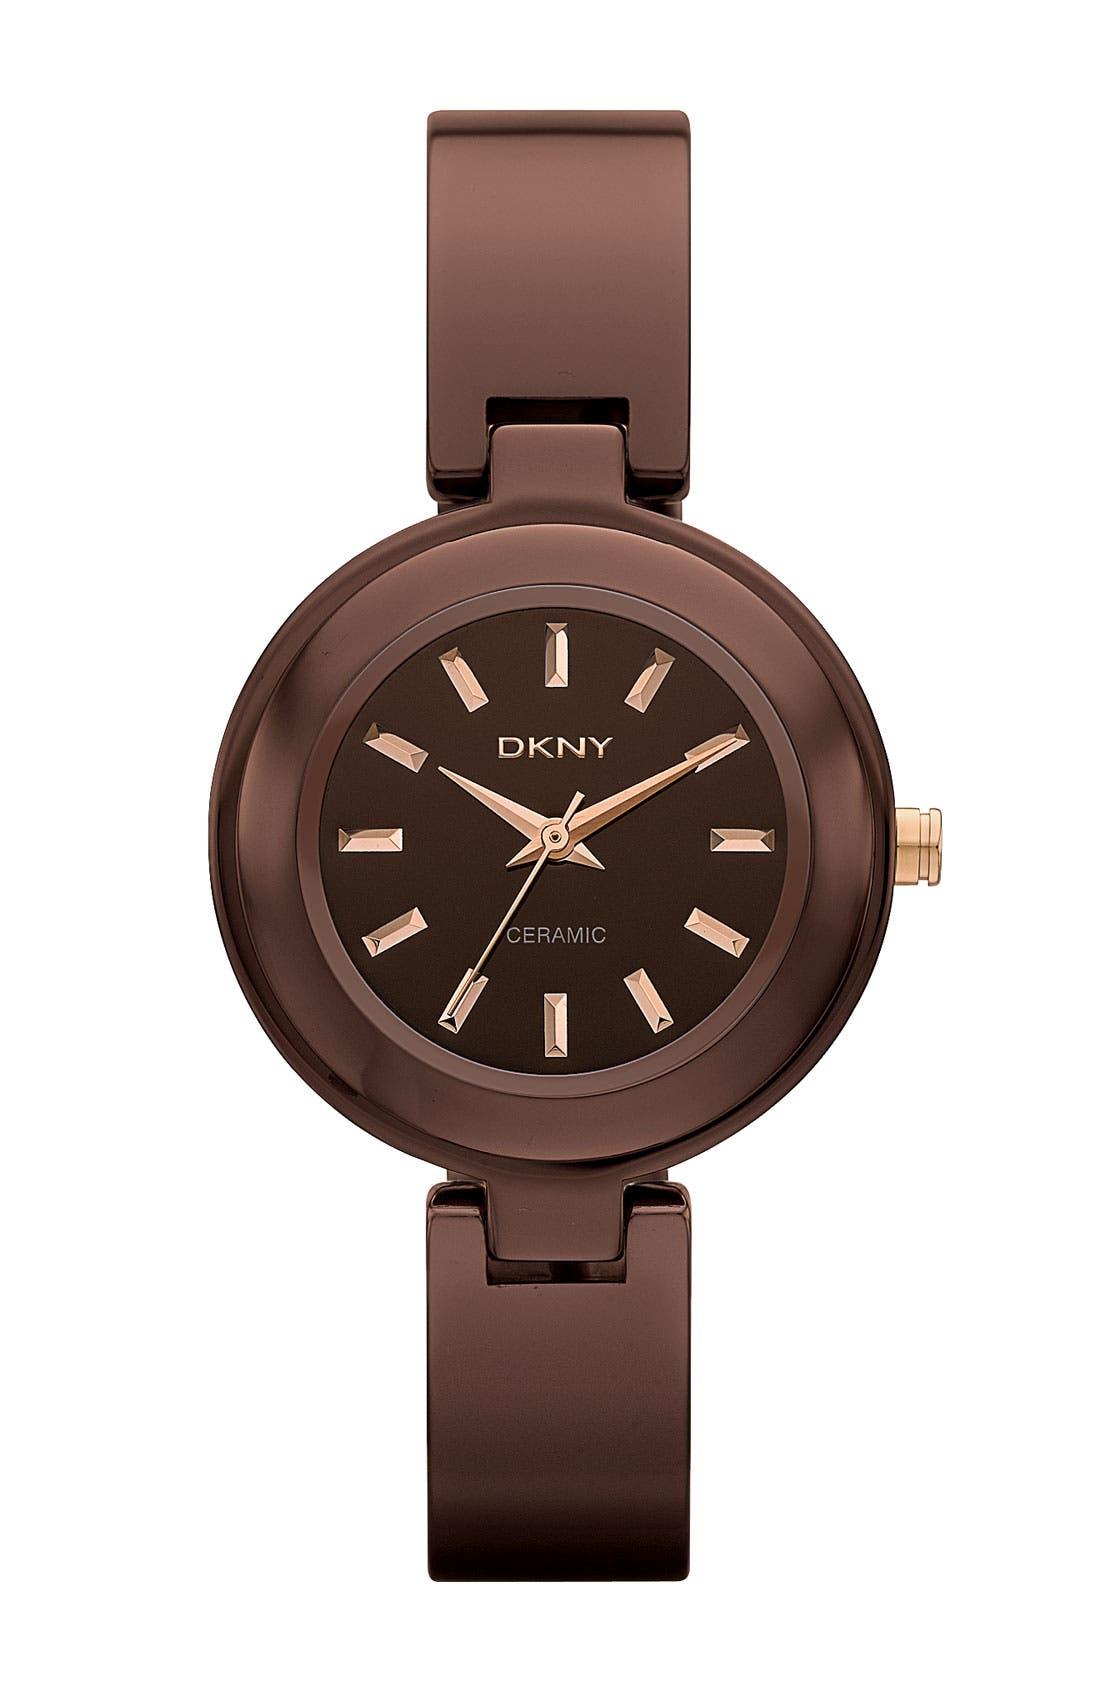 Main Image - DKNY Small Round Ceramic Bangle Watch